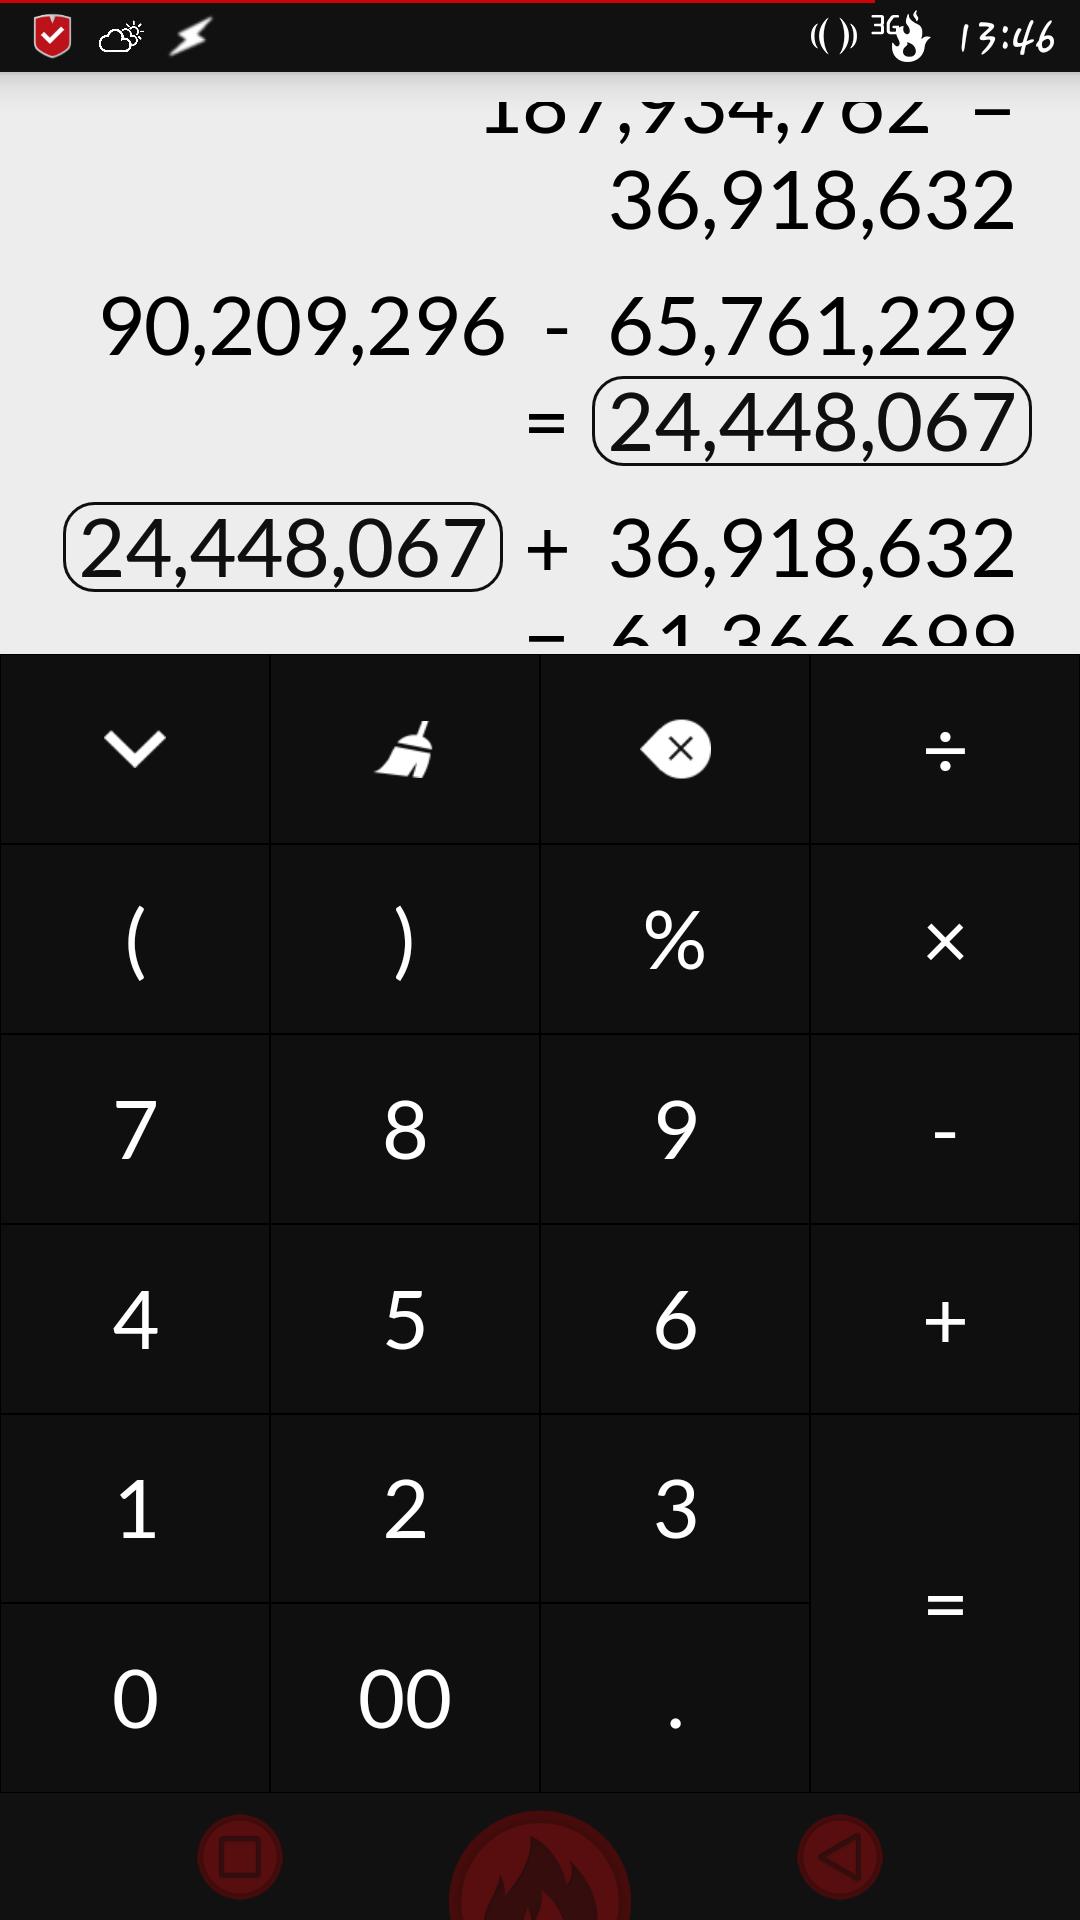 [APPLICATION ANDROID - CALC+] Une calculatrice différente avec plus de 15 thèmes [Gratuit] 144342351761055